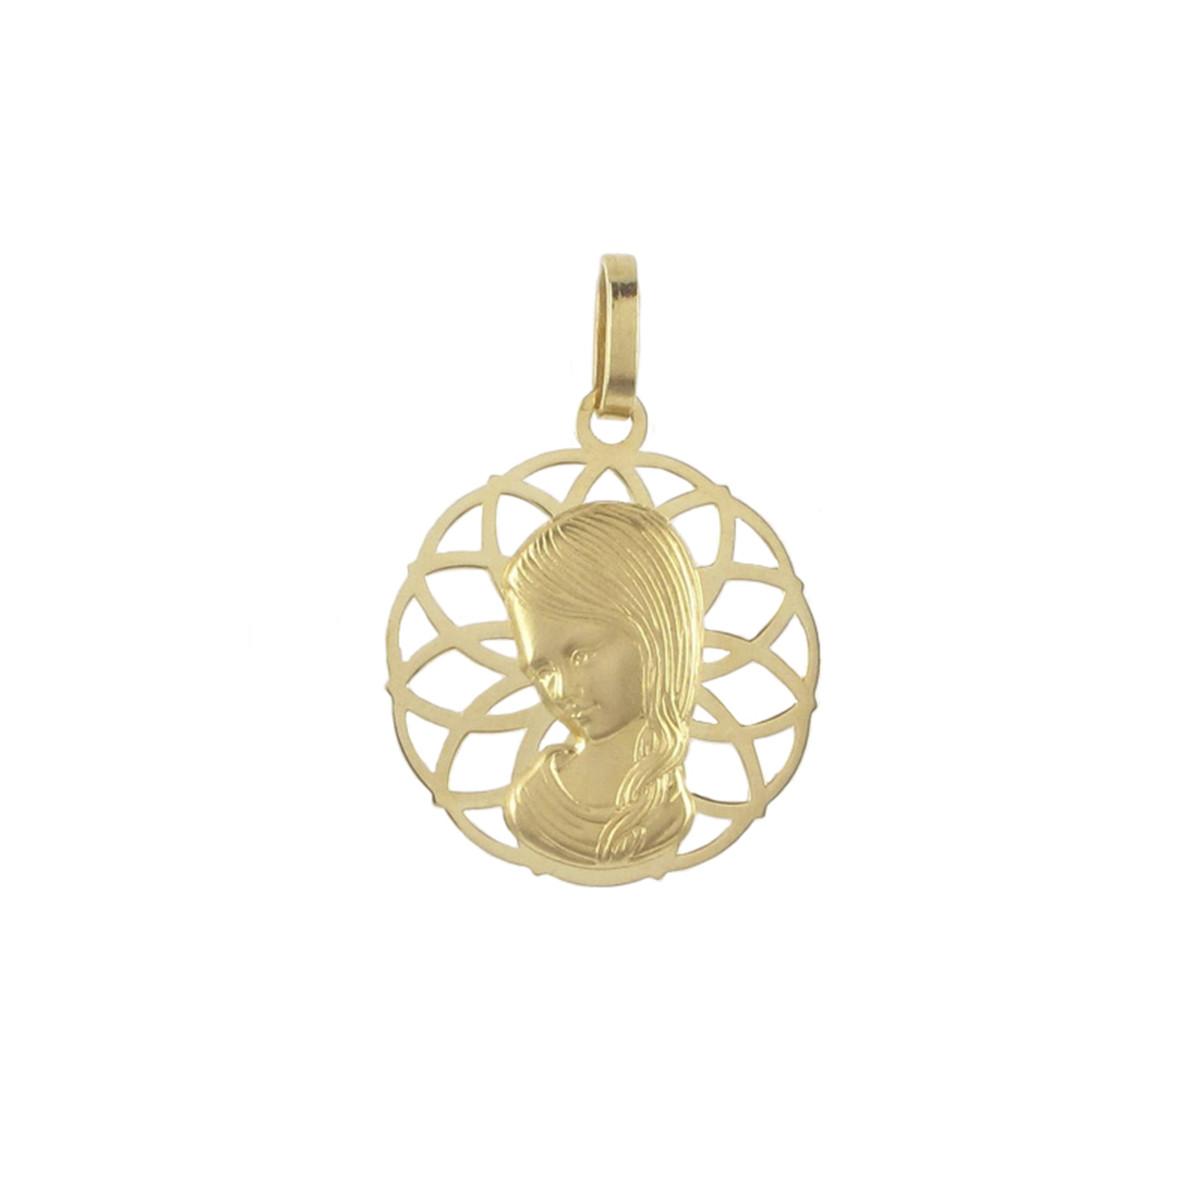 GOLD MEDAL VIRGIN CALADA